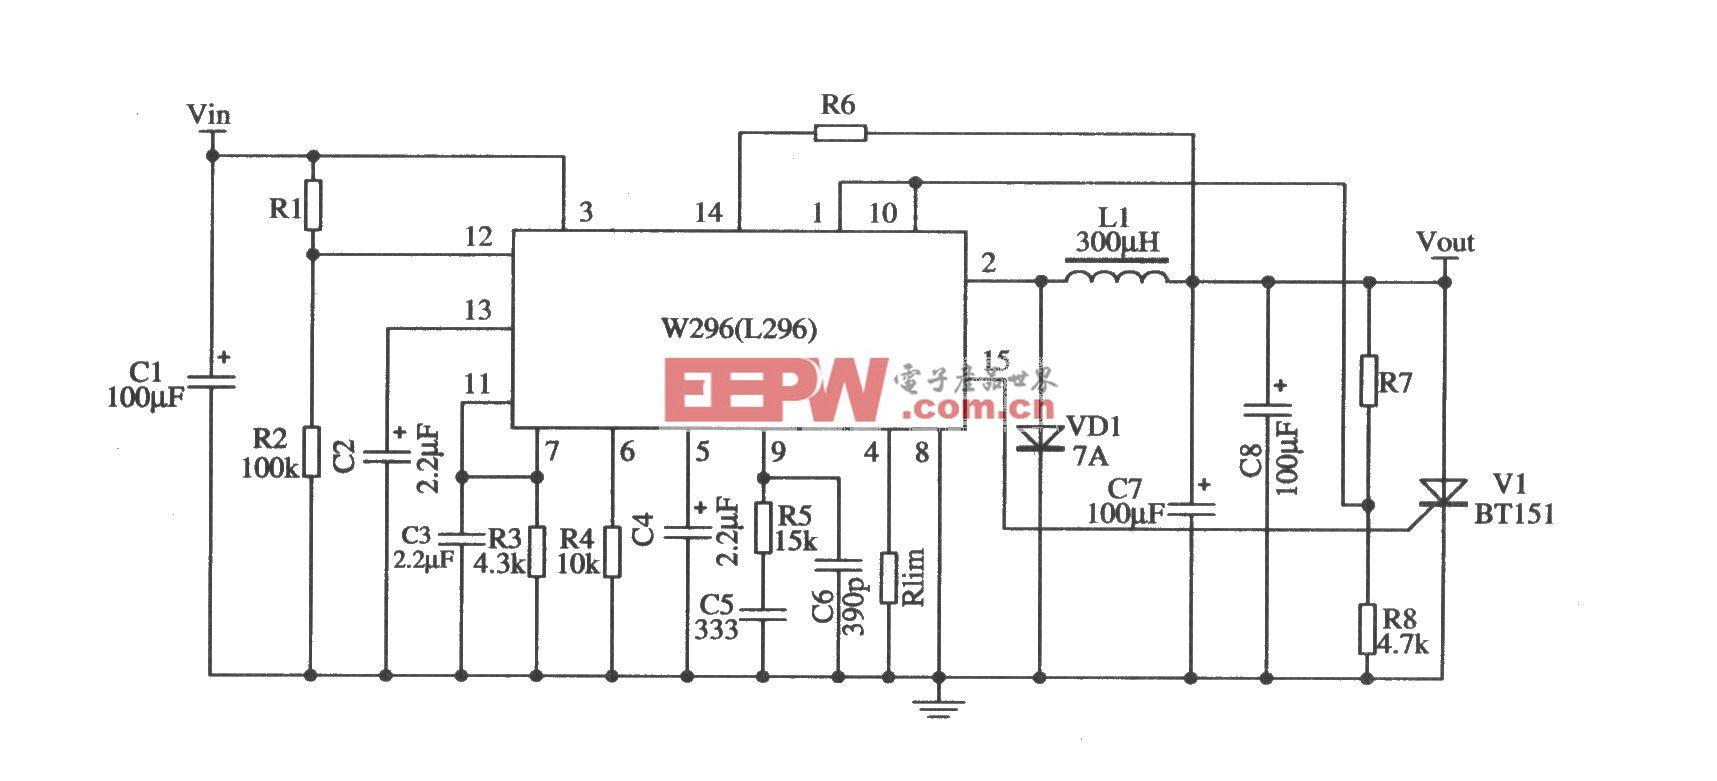 开关集成稳压器W296的典型应用电路